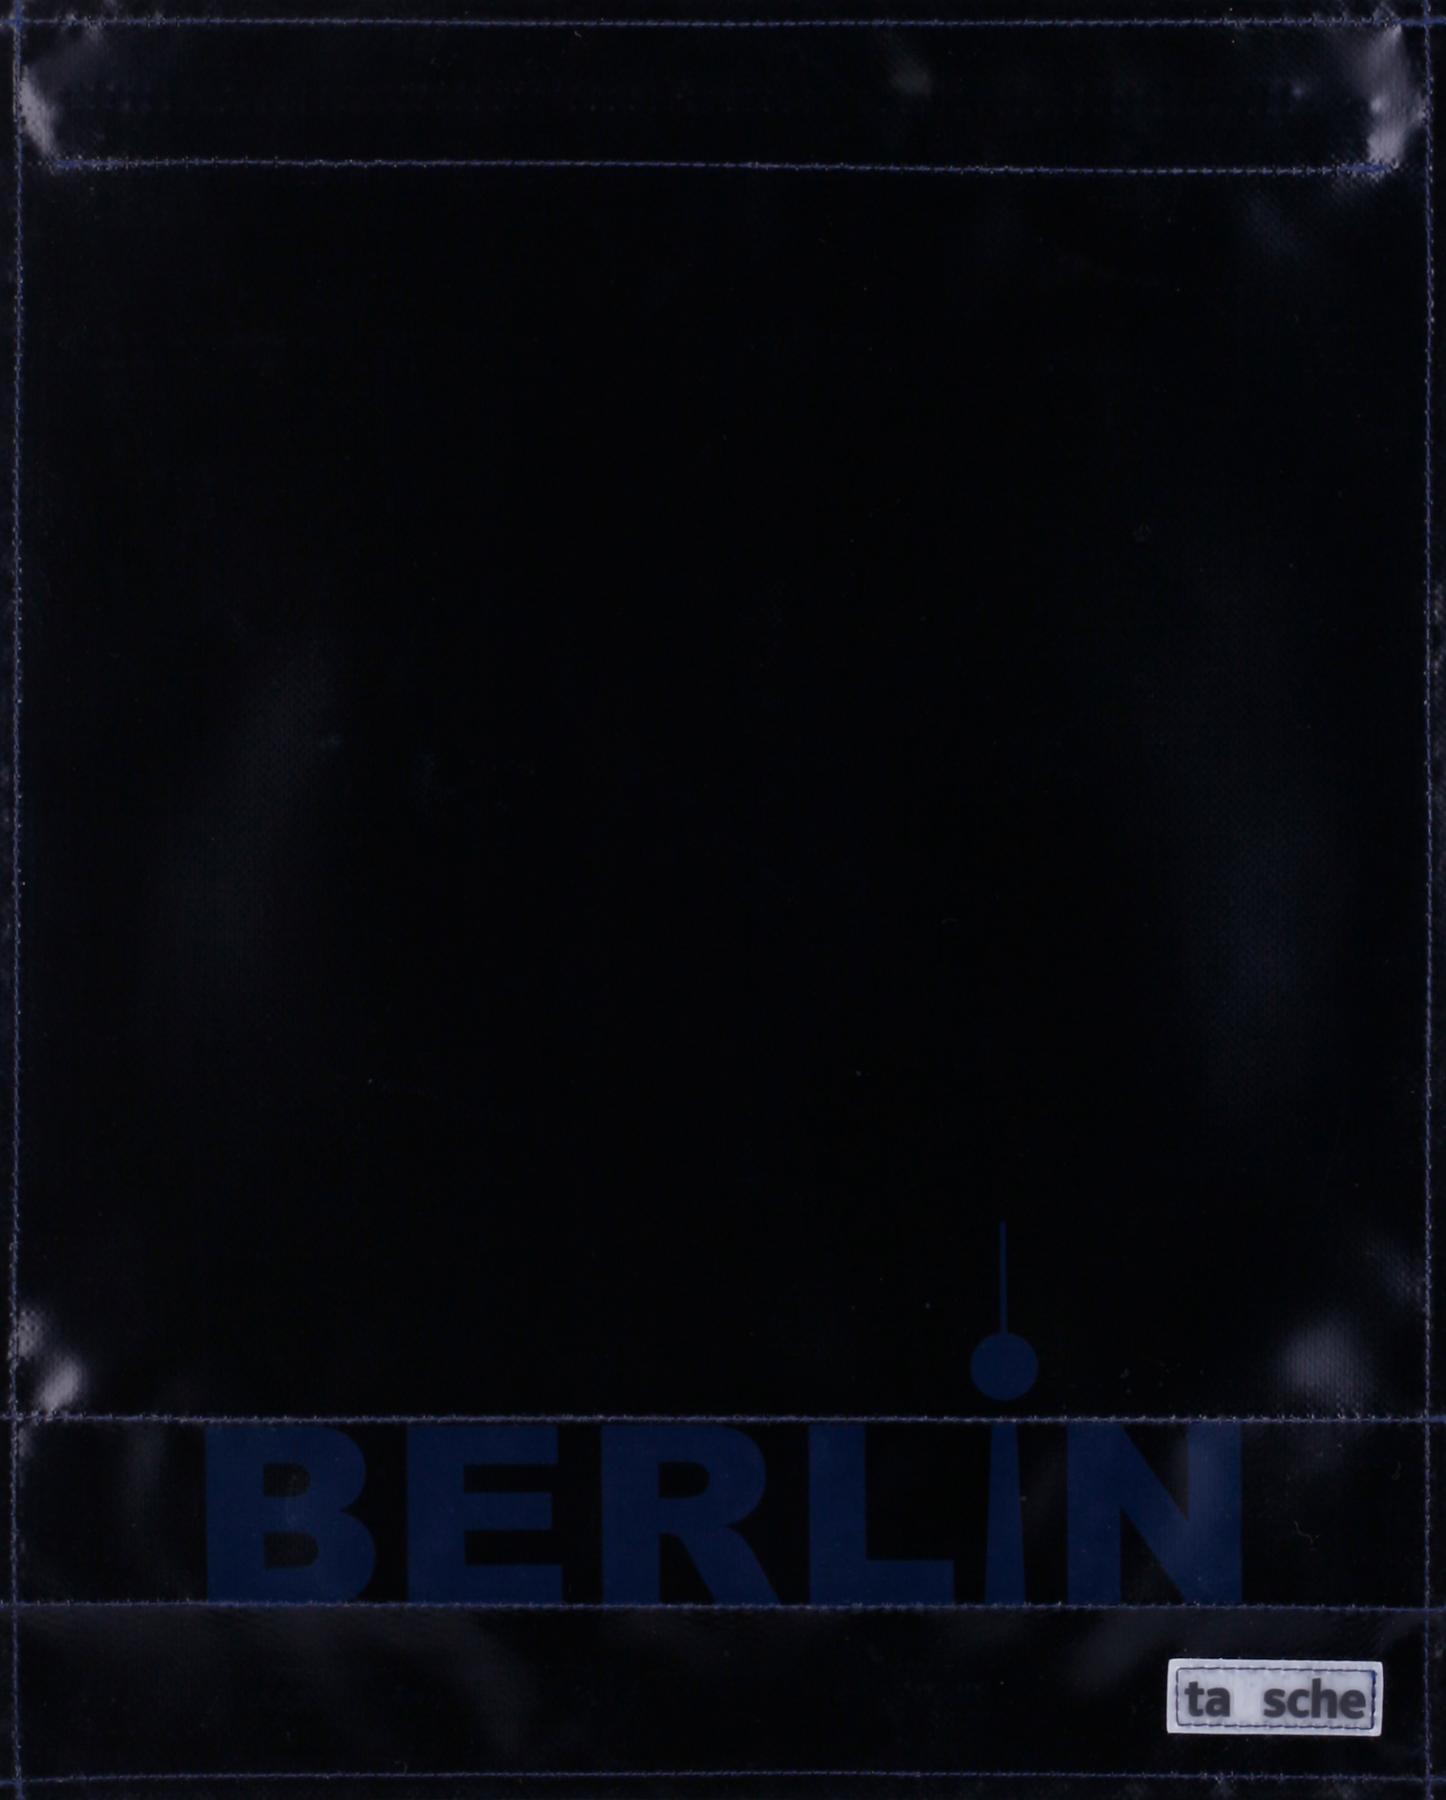 Berlin schwarz/dunkelblau (groß)